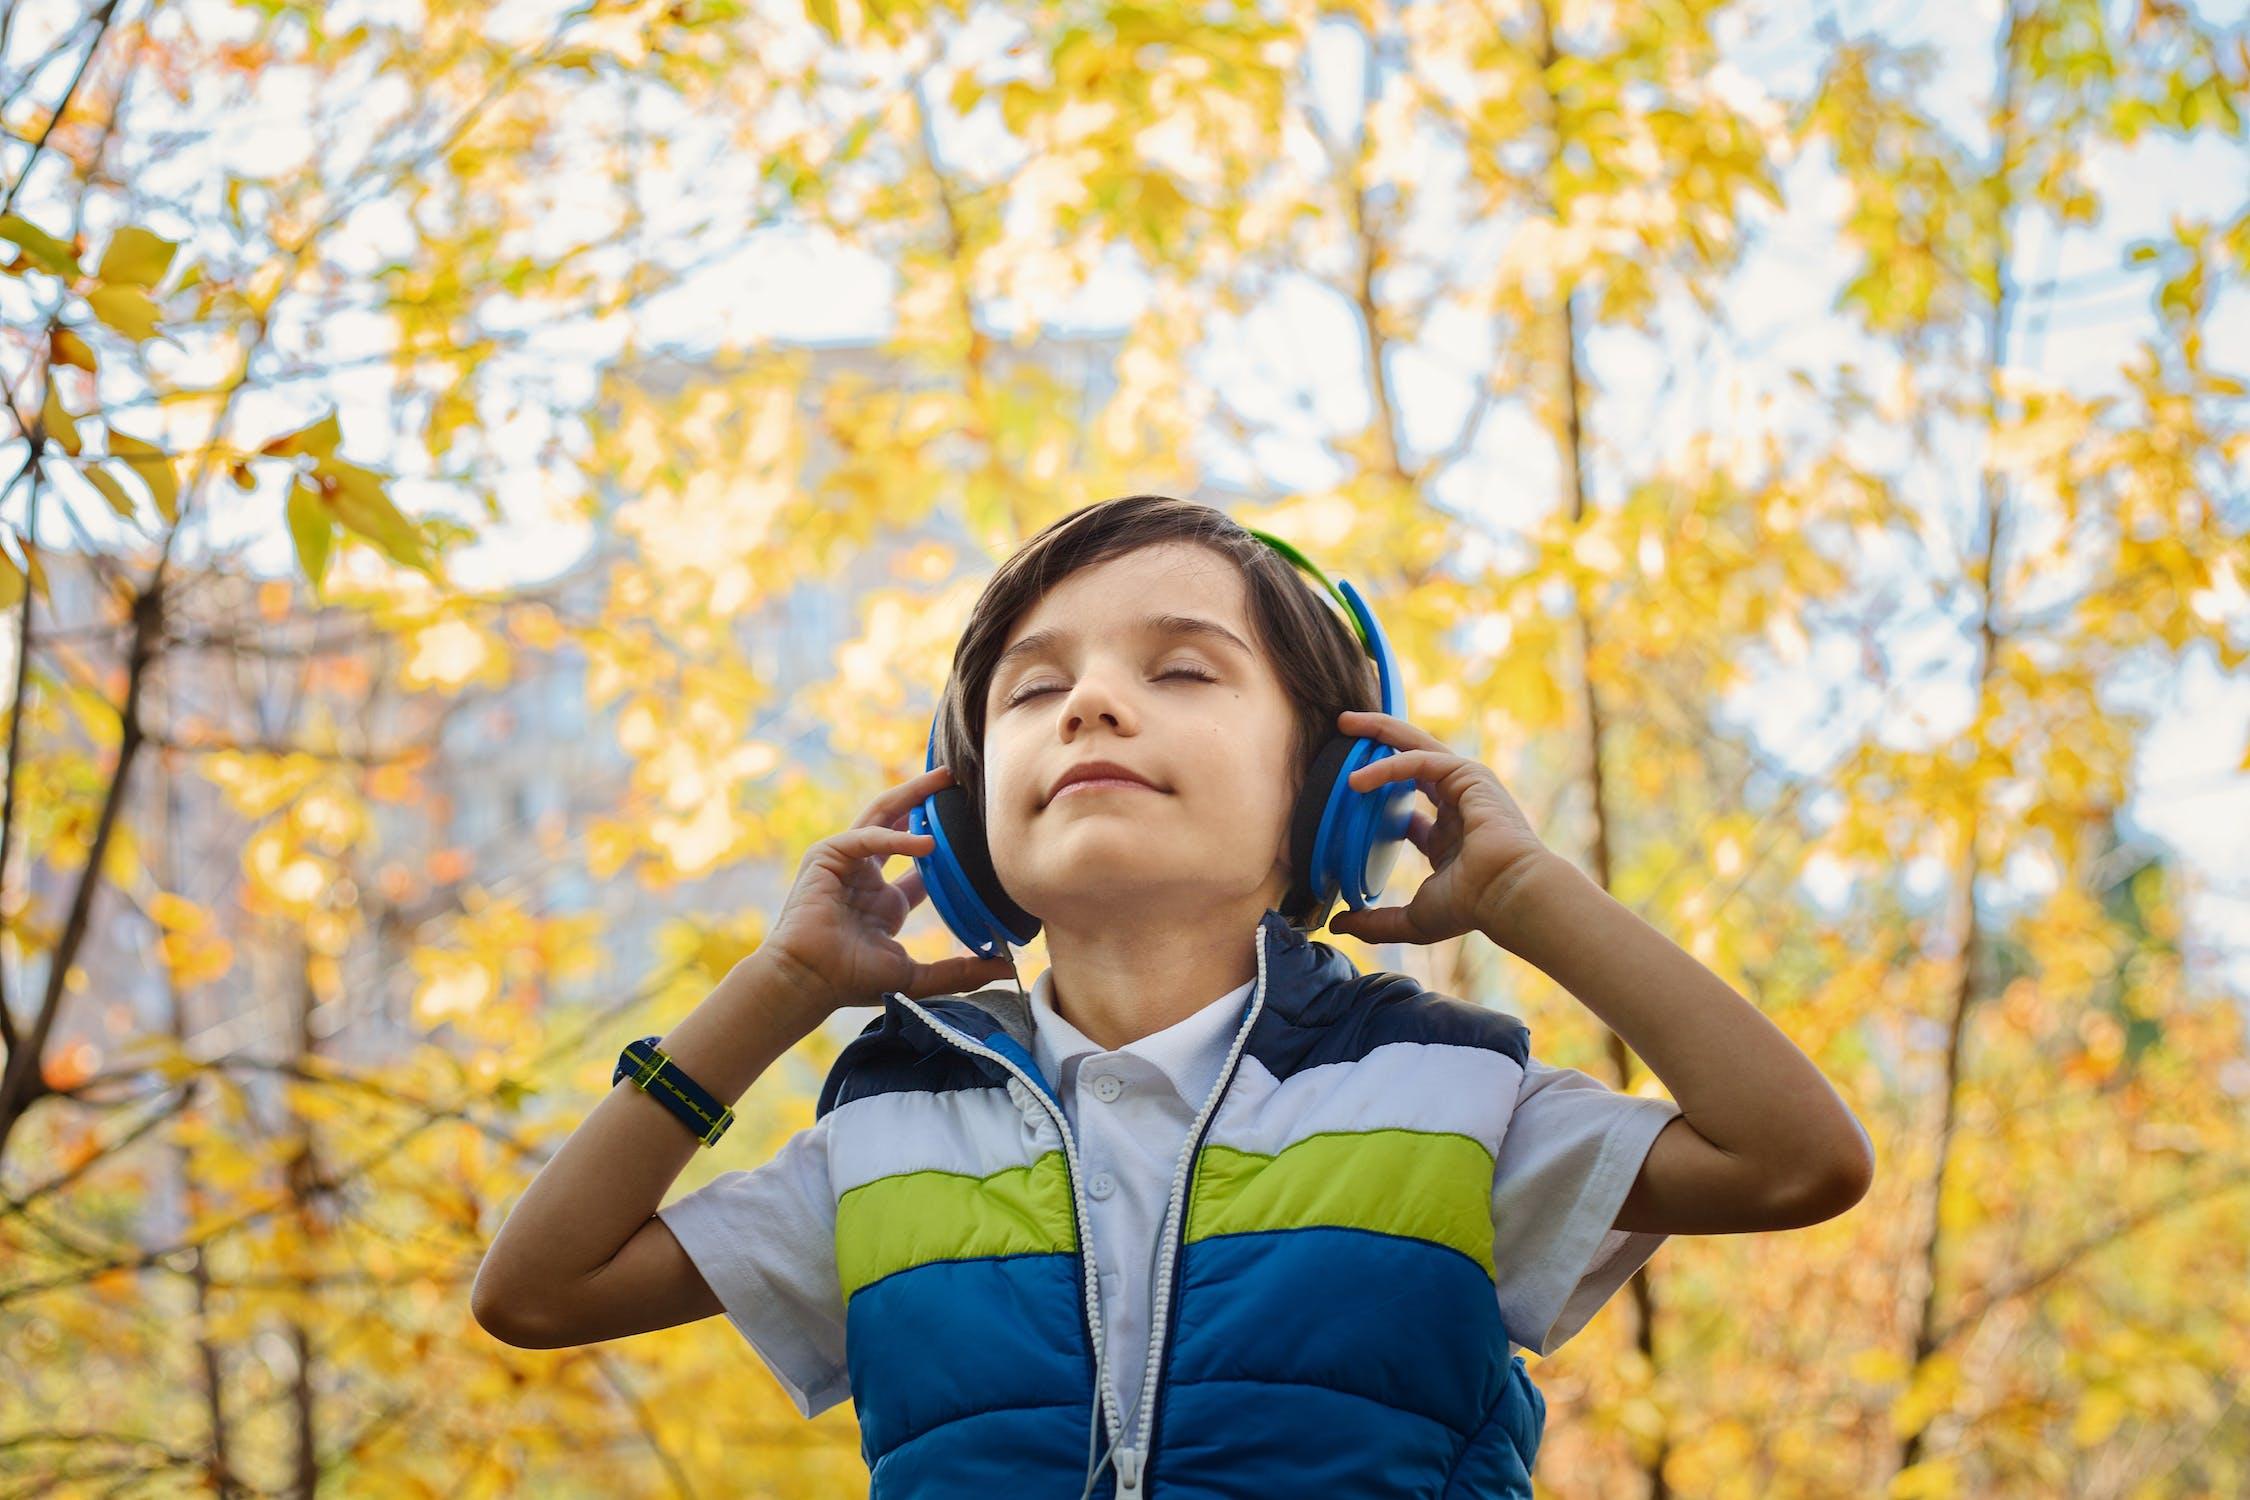 ¿Cómo sé si mi hijo oye bien?